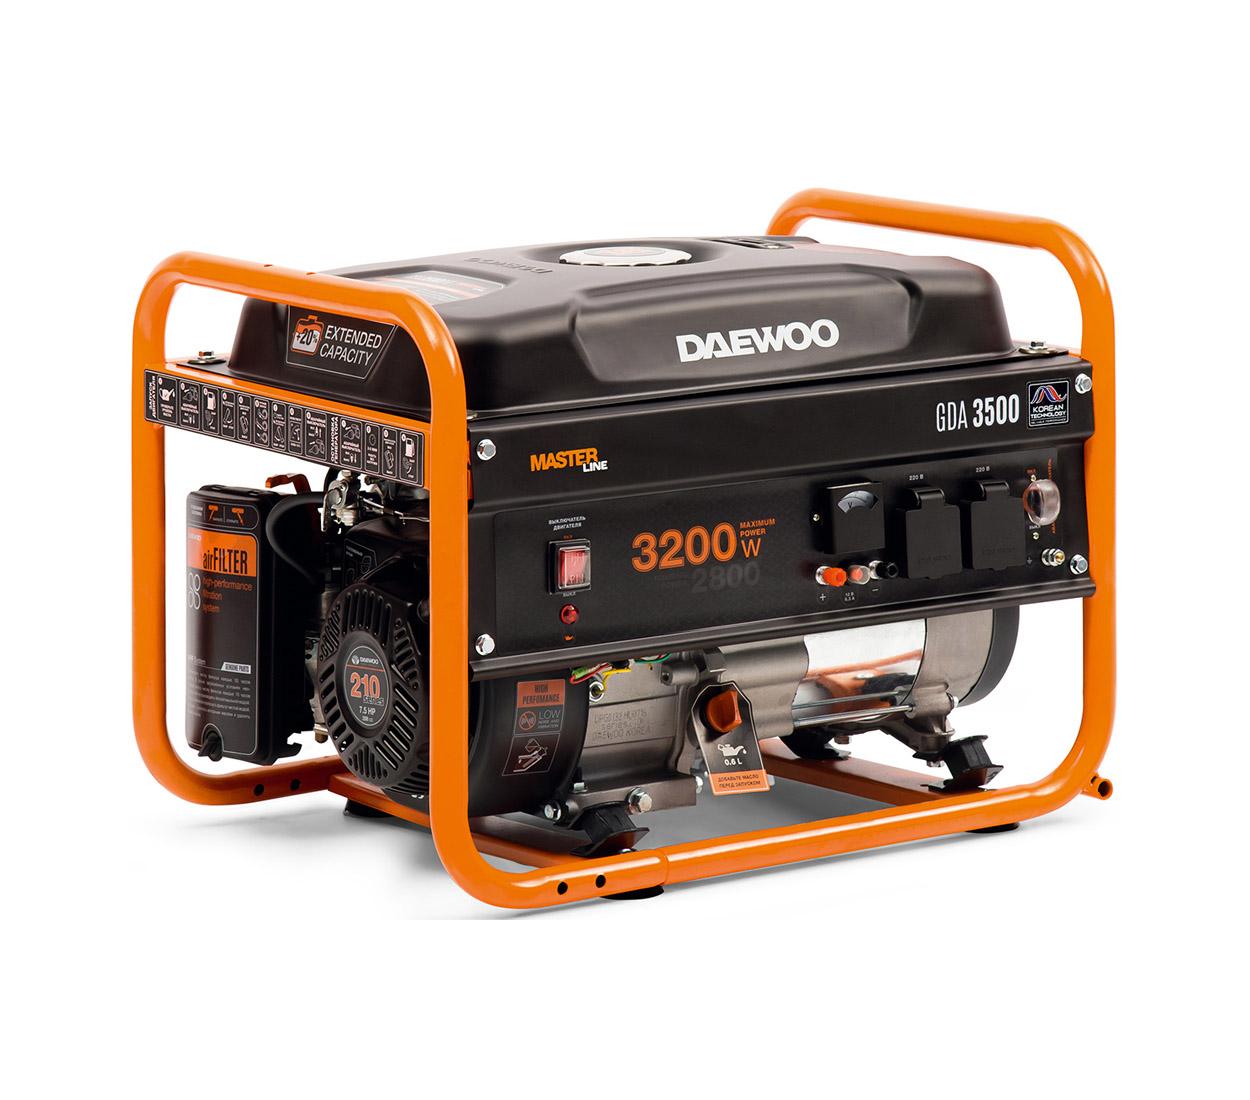 Бензиновый генератор (Бензогенератор) DAEWOO GDA 3500